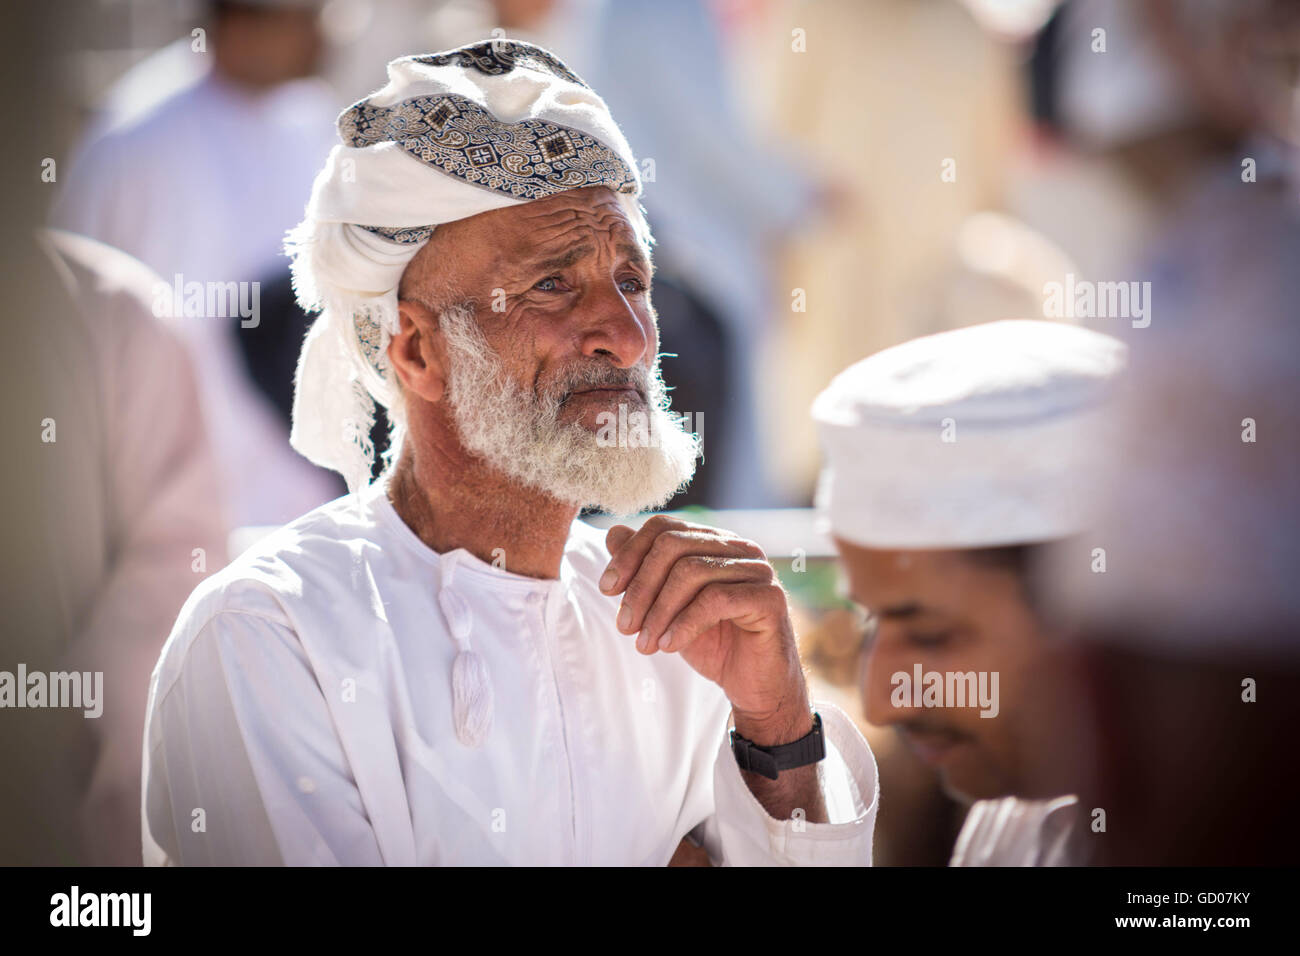 NIZWA, Oman - 24 Aprile 2015:Omani uomo vecchio al mercato tradizionale o souq di Nizwa, Oman. Immagini Stock